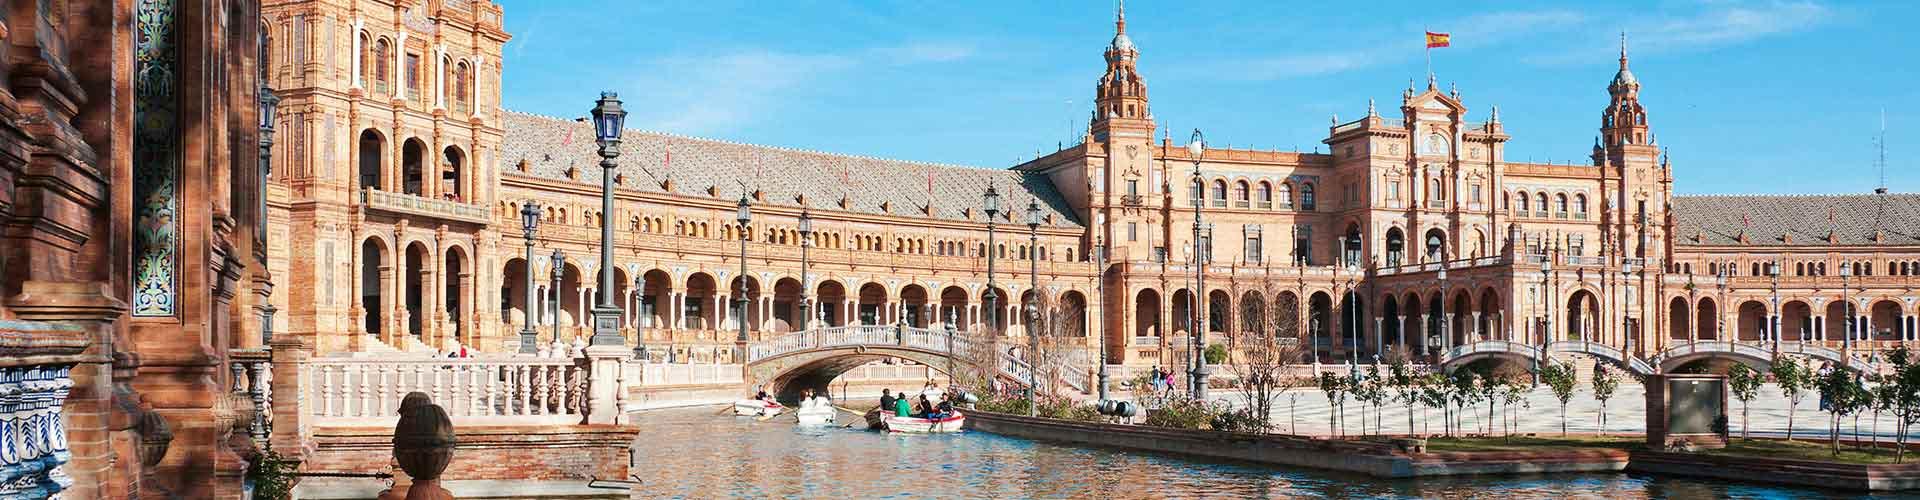 Sevilla – Hostels in Sevilla. Sevilla auf der Karte. Fotos und Bewertungen für jedes Hostel in Sevilla.